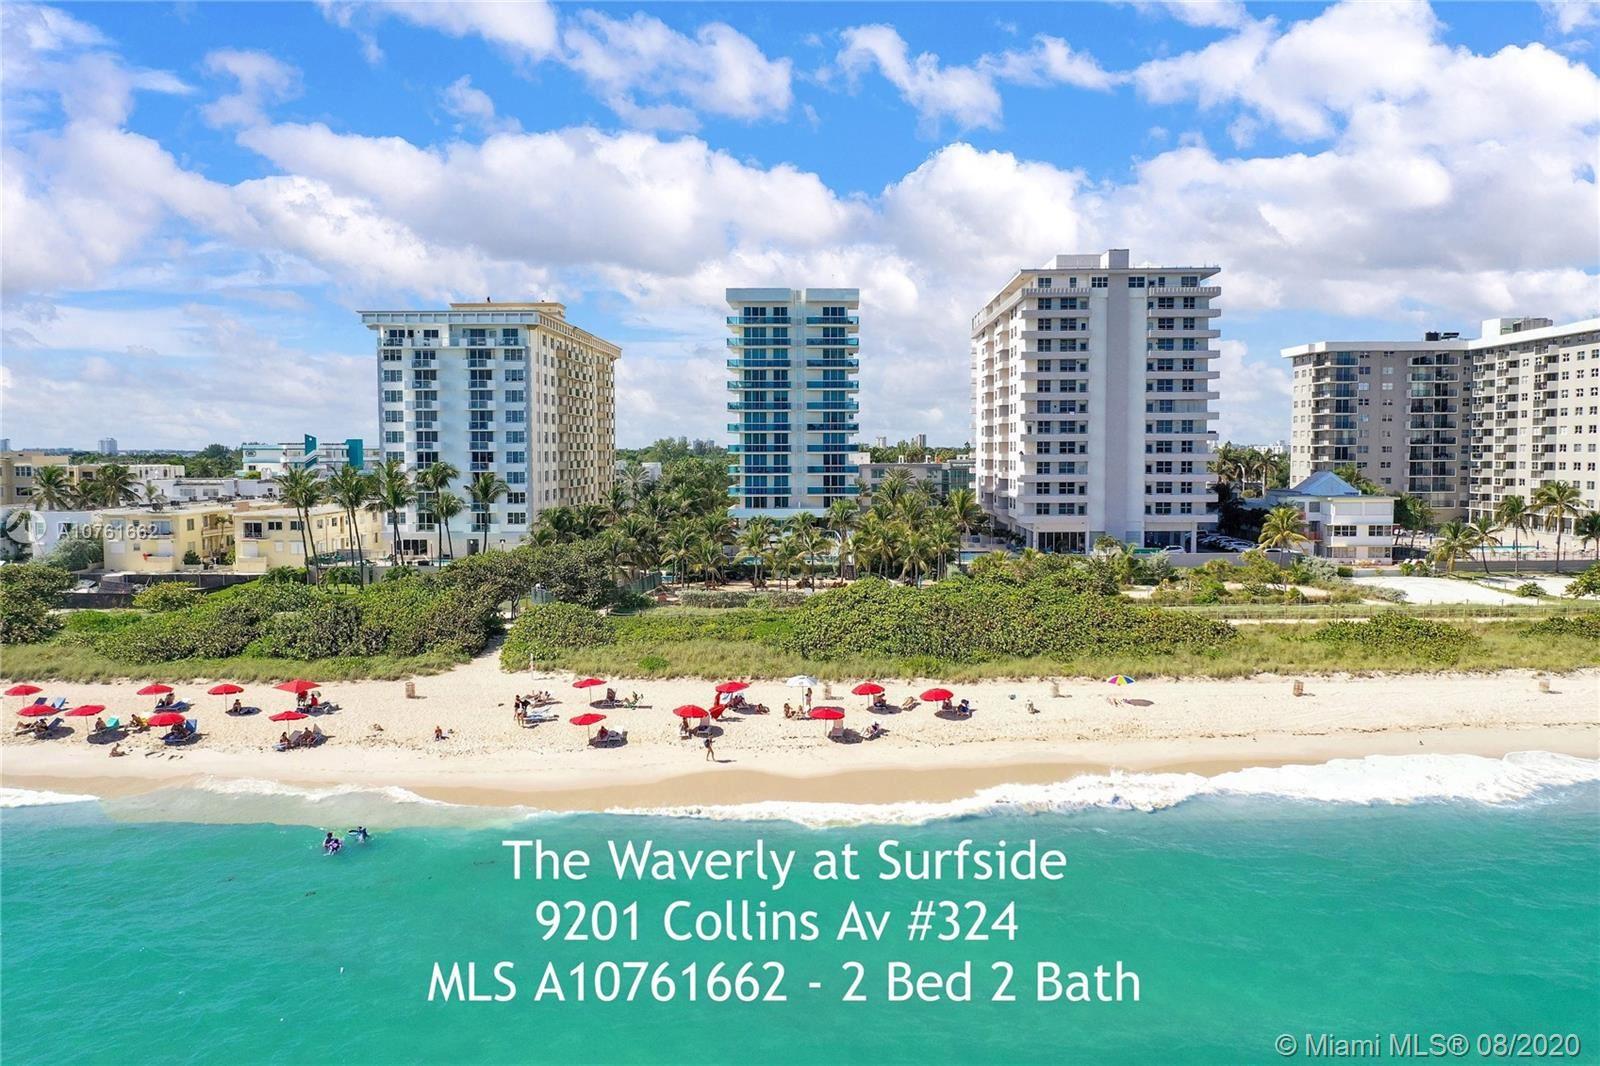 9201 Collins Ave #324, Surfside, FL 33154 - #: A10761662